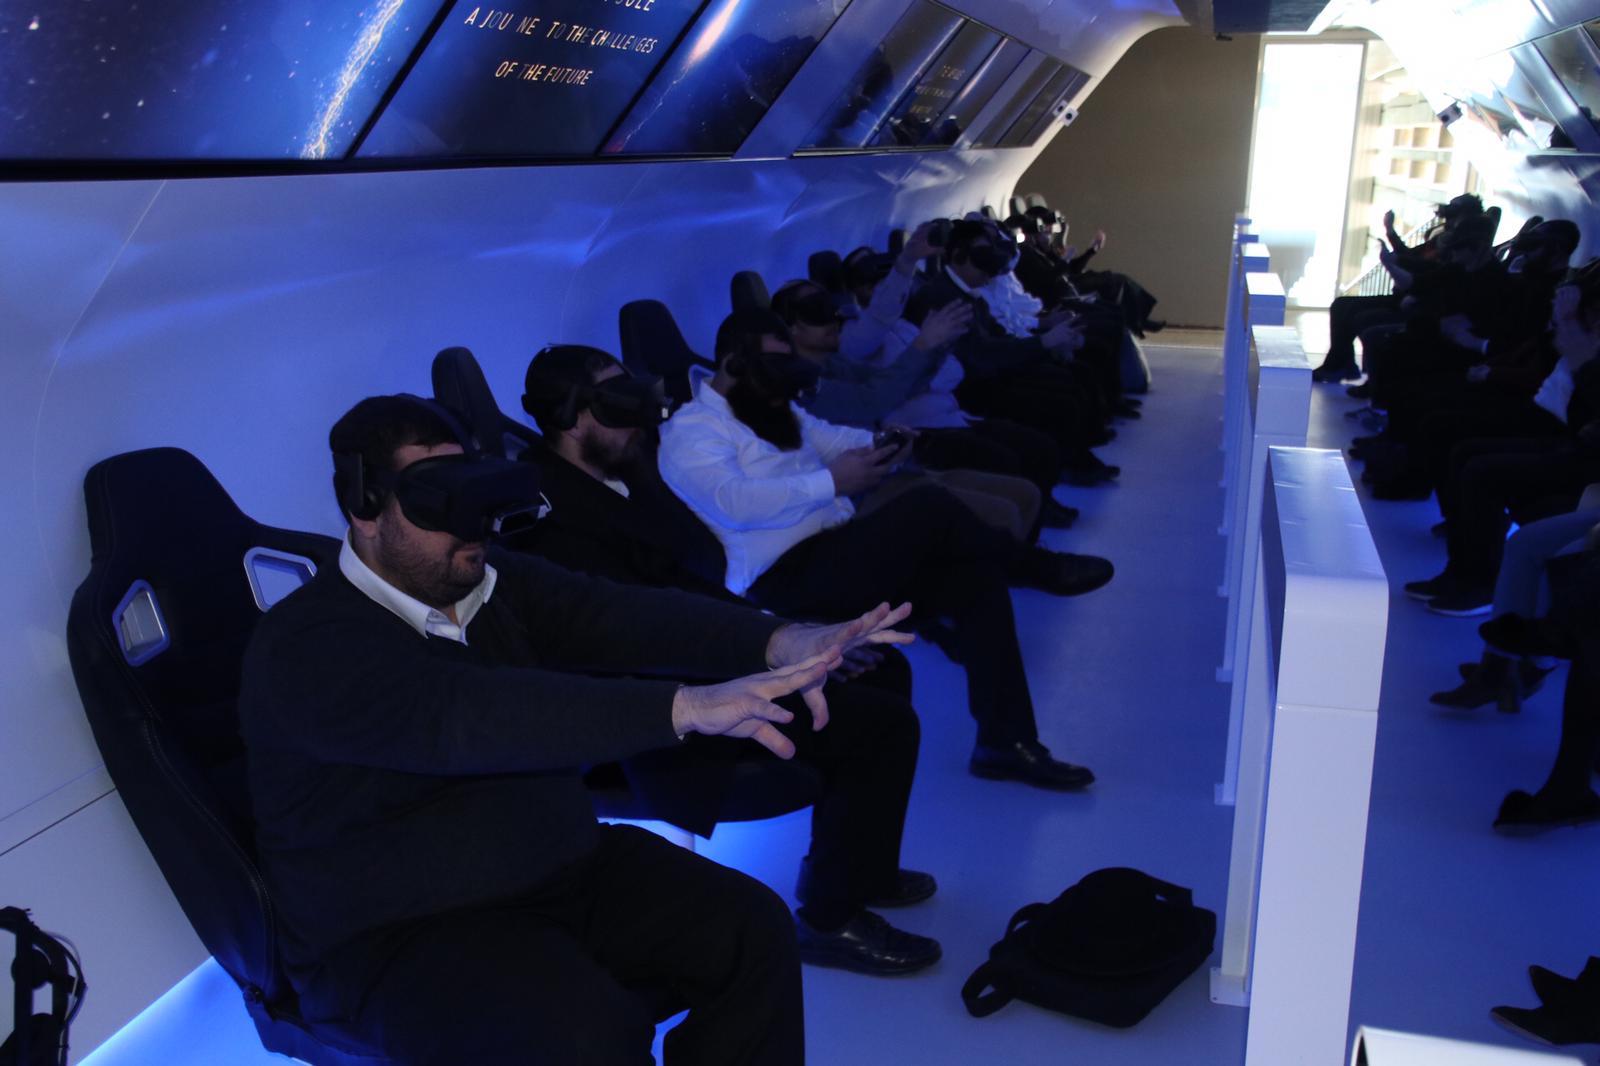 לפני כולם: סיור מודרך ומצולם במרכז פרס לשלום ולחדשנות 6